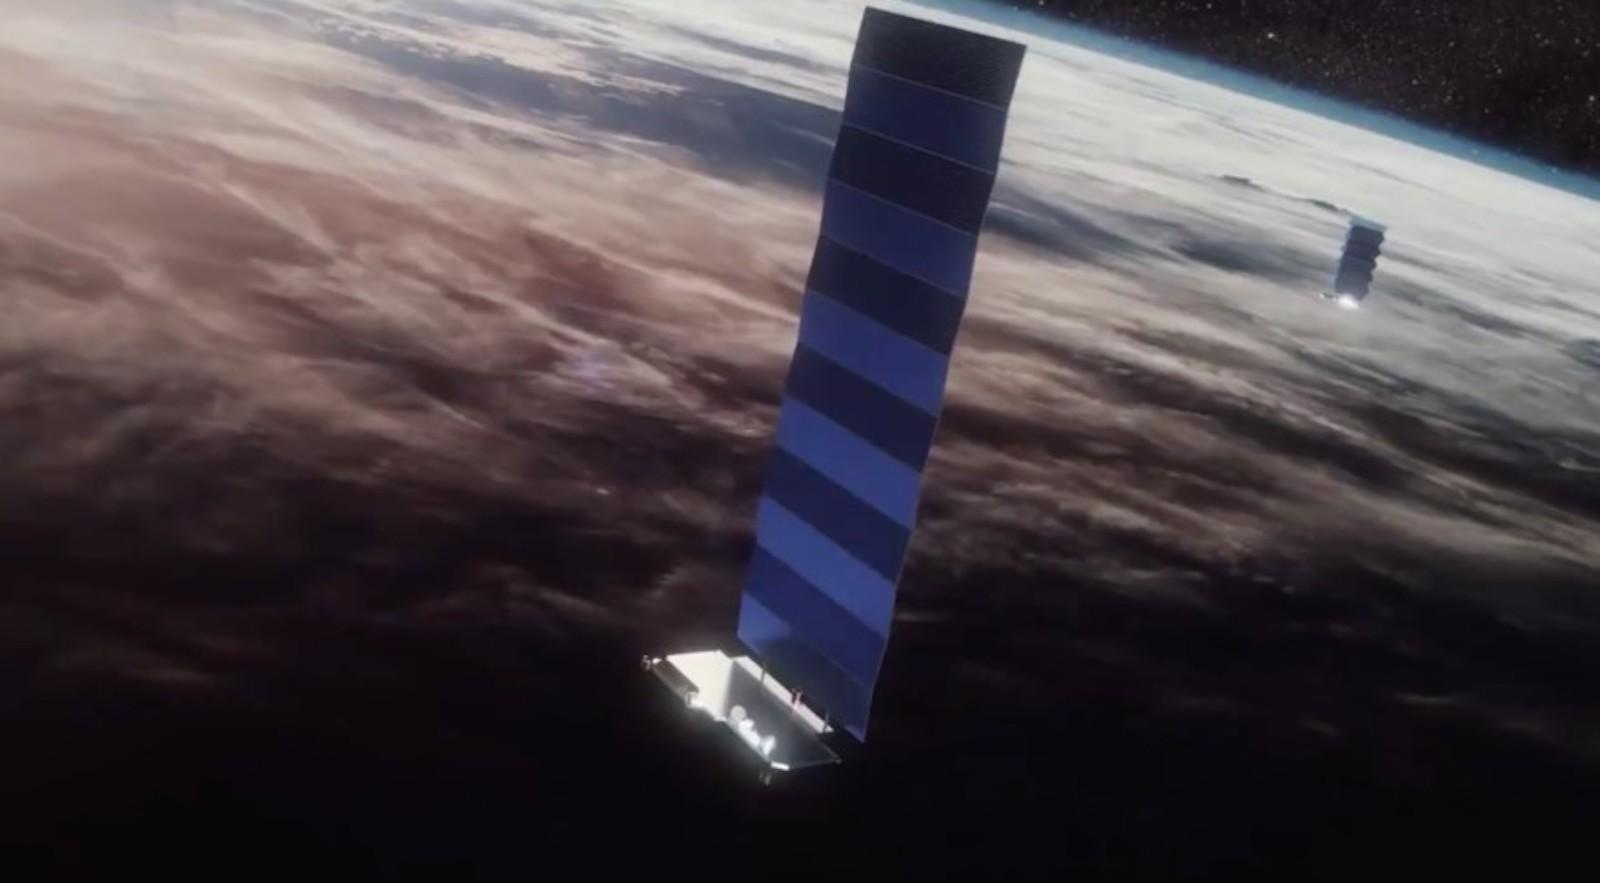 衛星ブロードバンド「スターリンク」3基が通信不能に | sorae 宇宙への ...